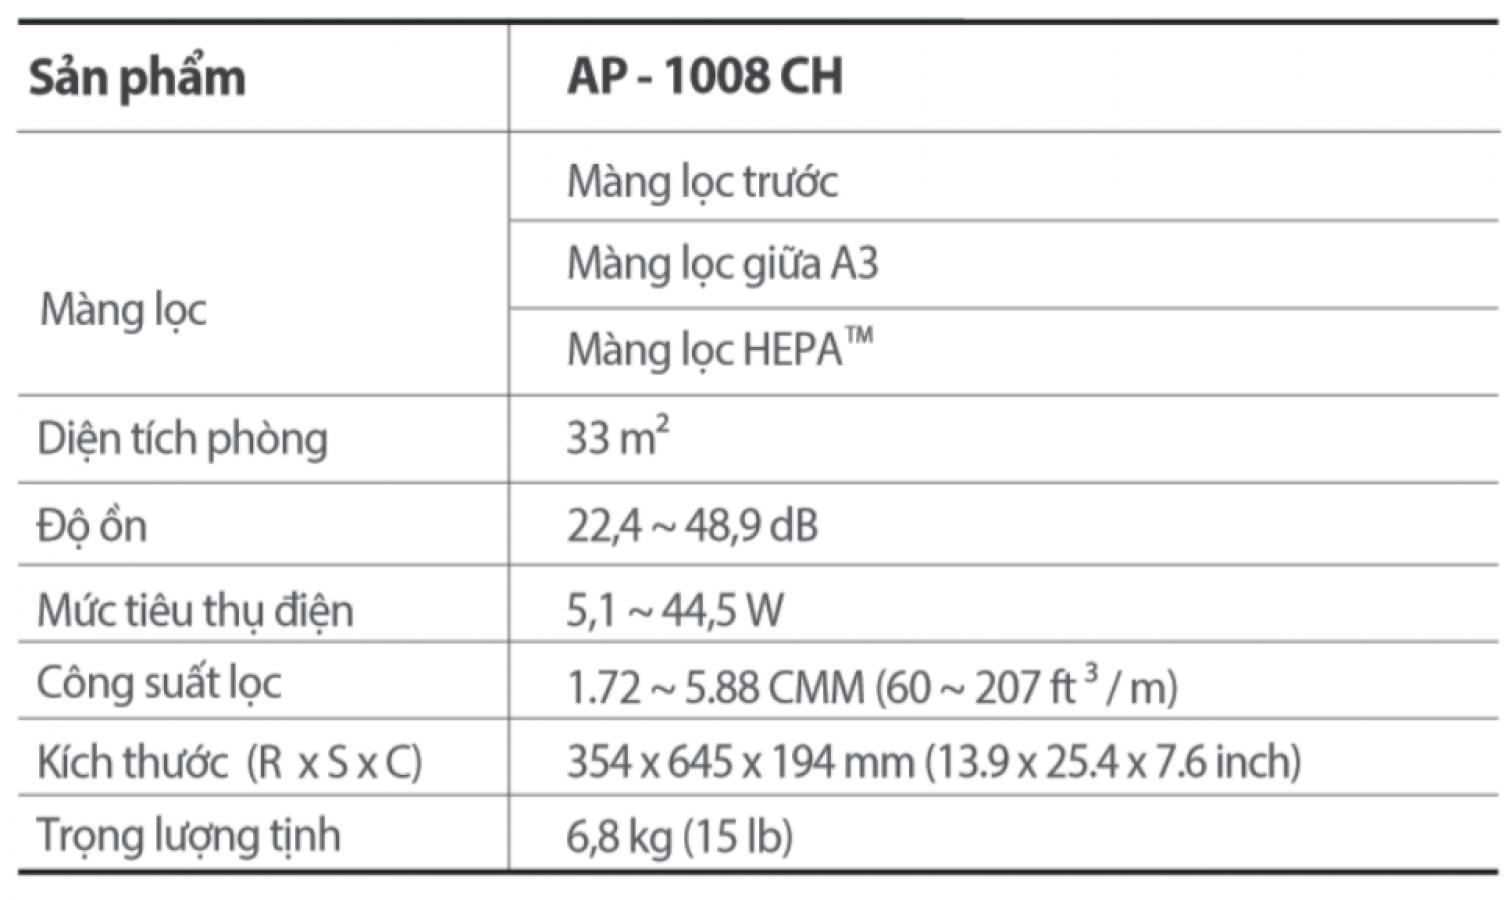 Máy Lọc Không Khí SWAN Coway AP-1008CH (Hàn Quốc)